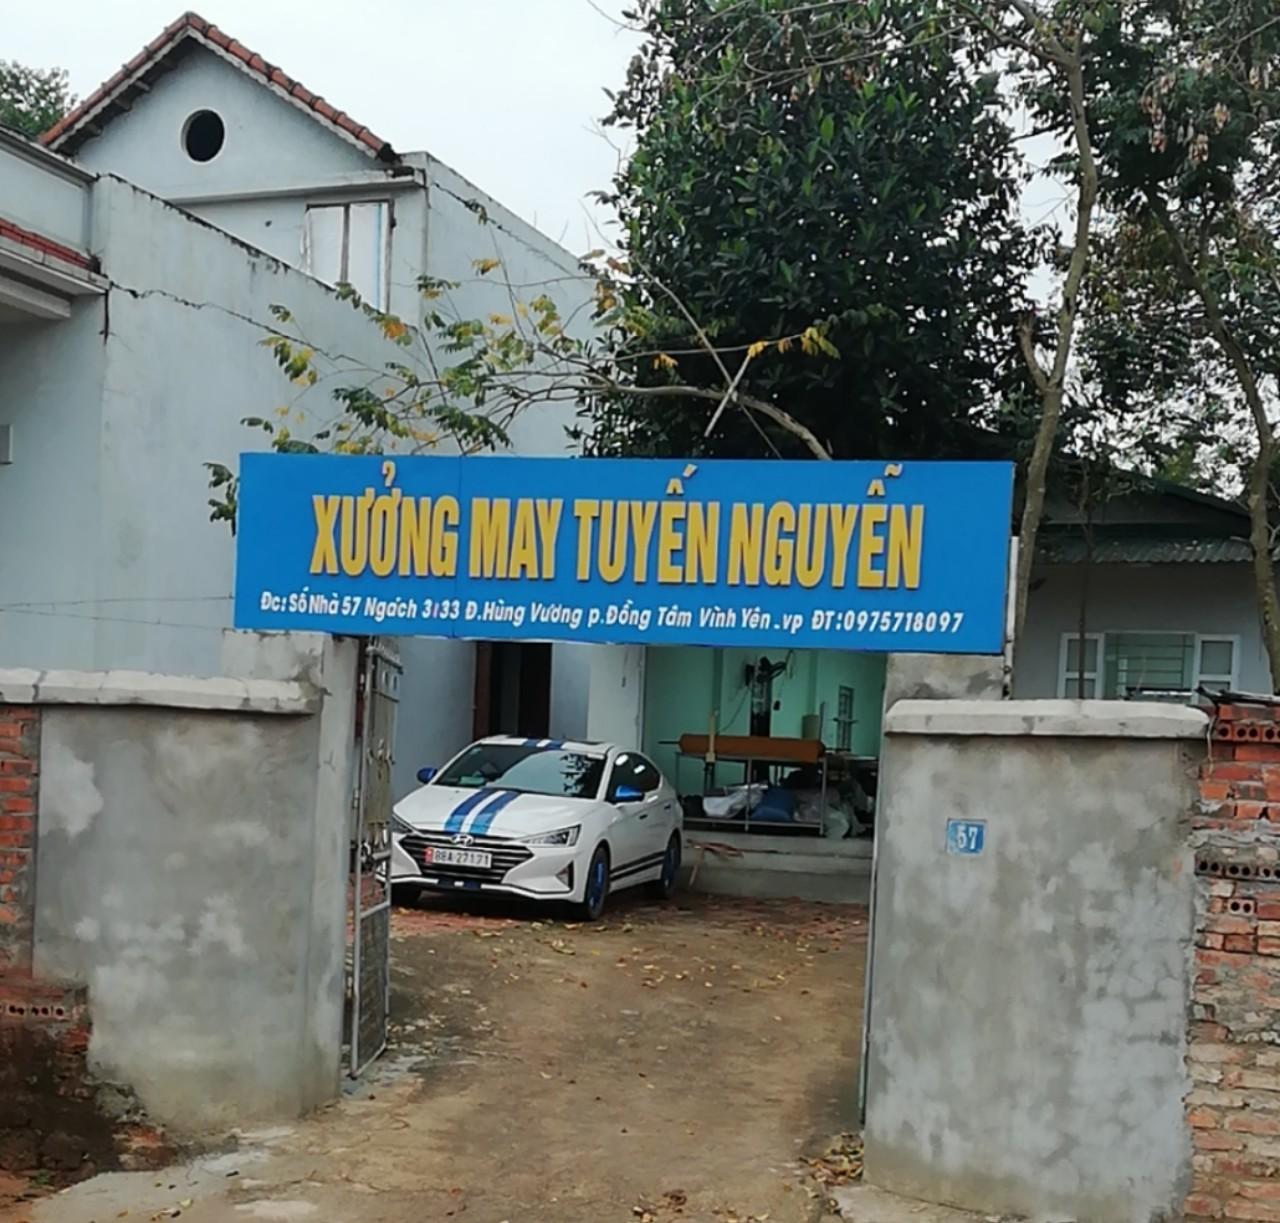 Xuong May Tuyen Nguyen Tuyen Tho May